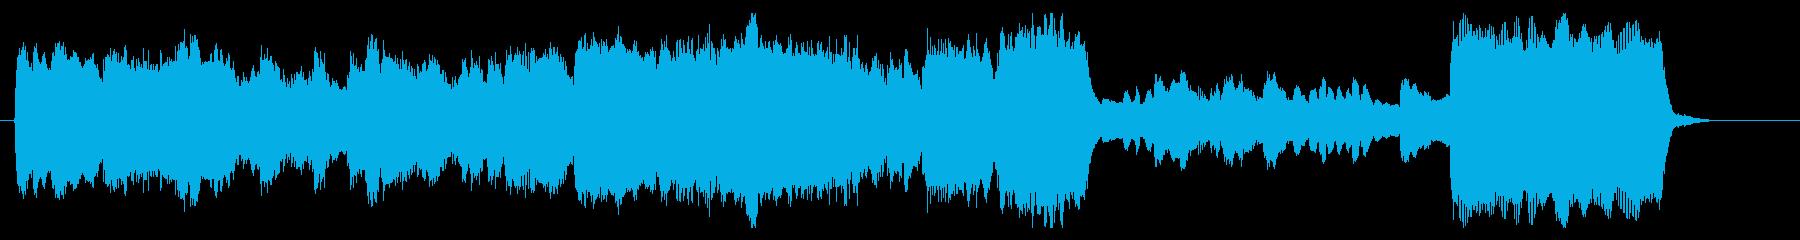 ゴシック、荘厳なパイプオルガンのジングルの再生済みの波形